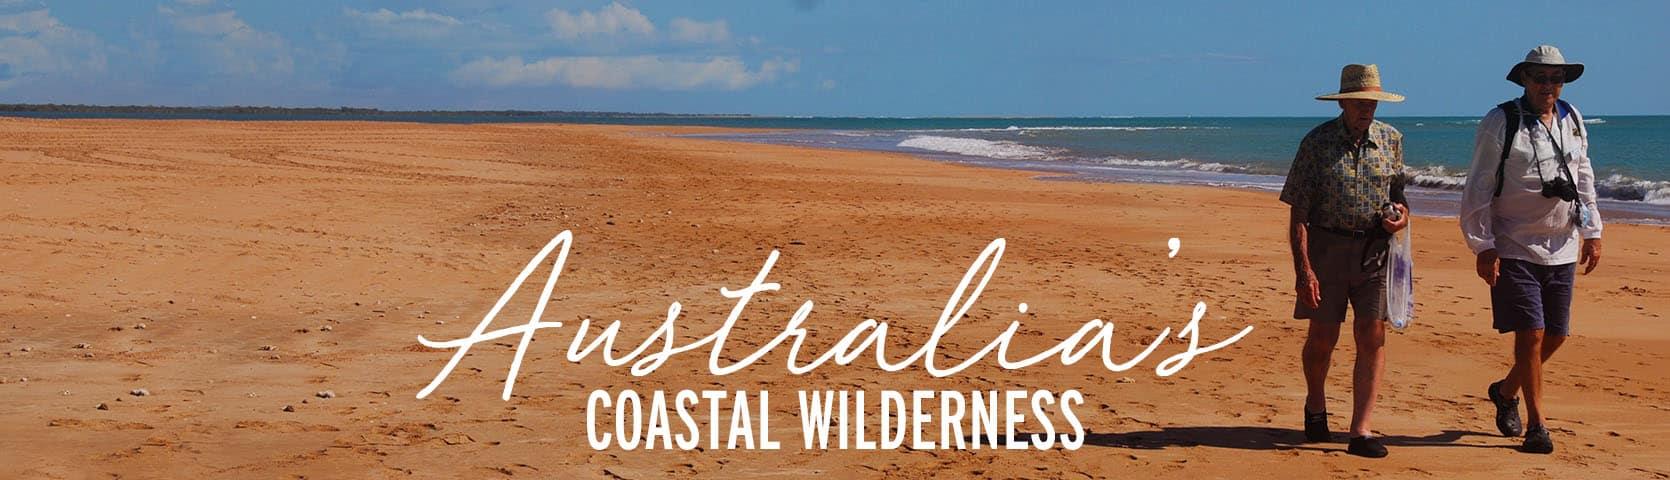 Coastal Wilderness Website Banner